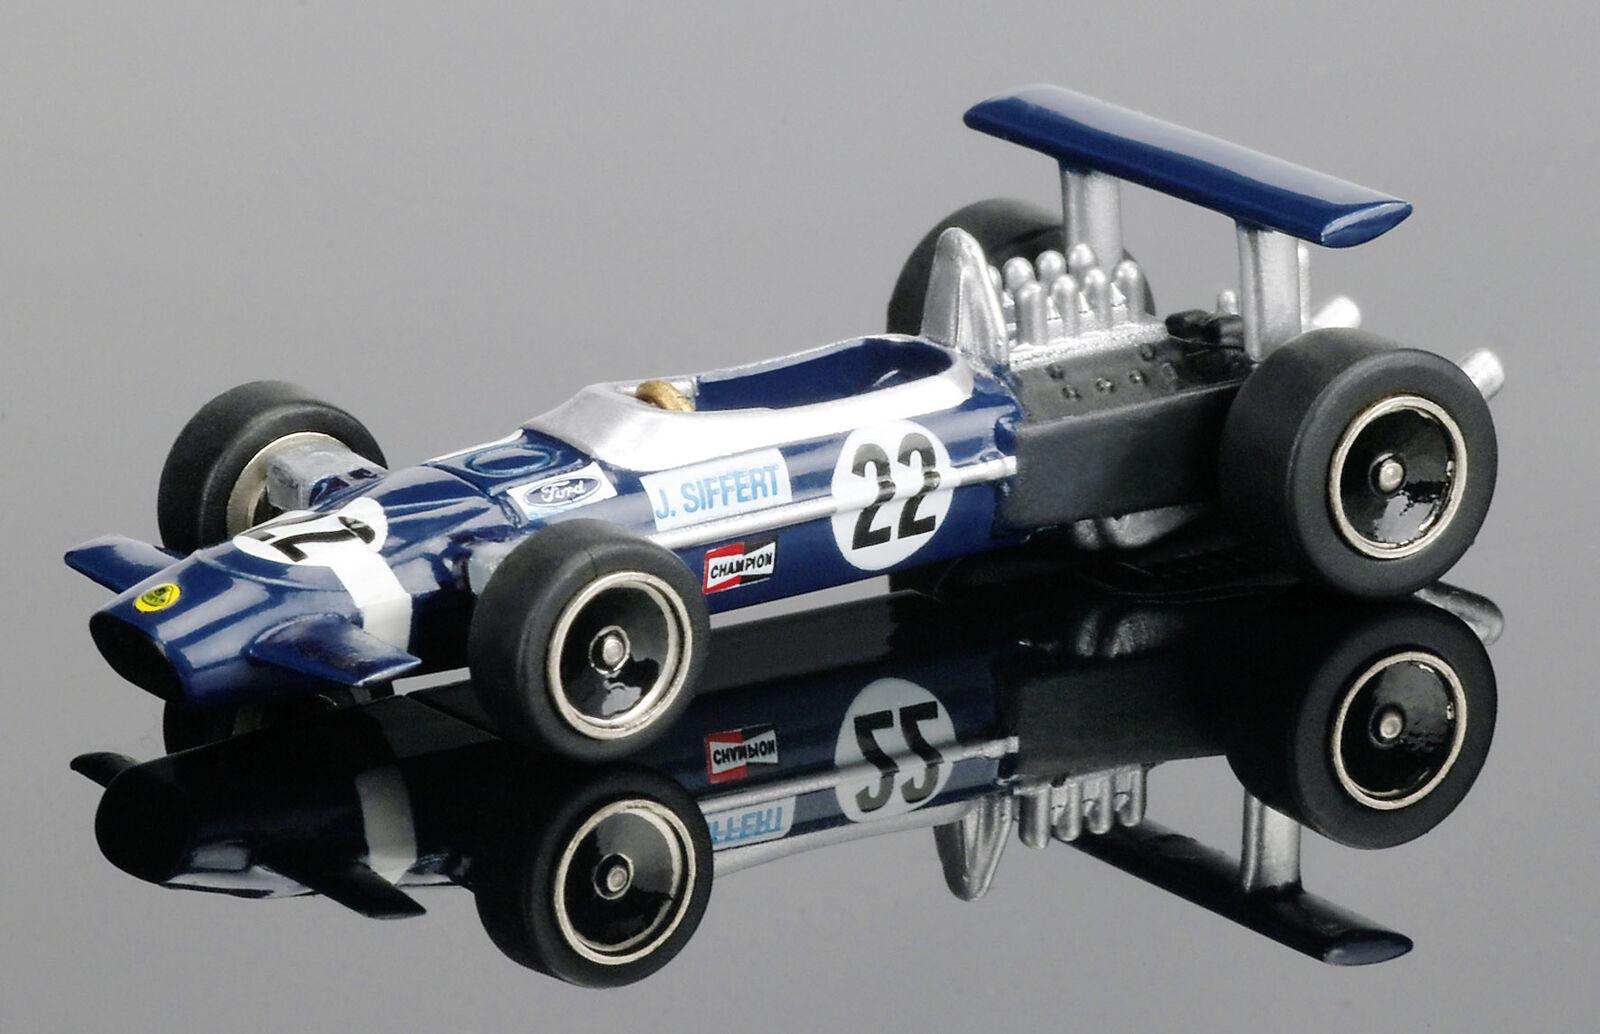 05496 Schuco Piccolo 1 90 Lotus 49 B Jo Siffert F1